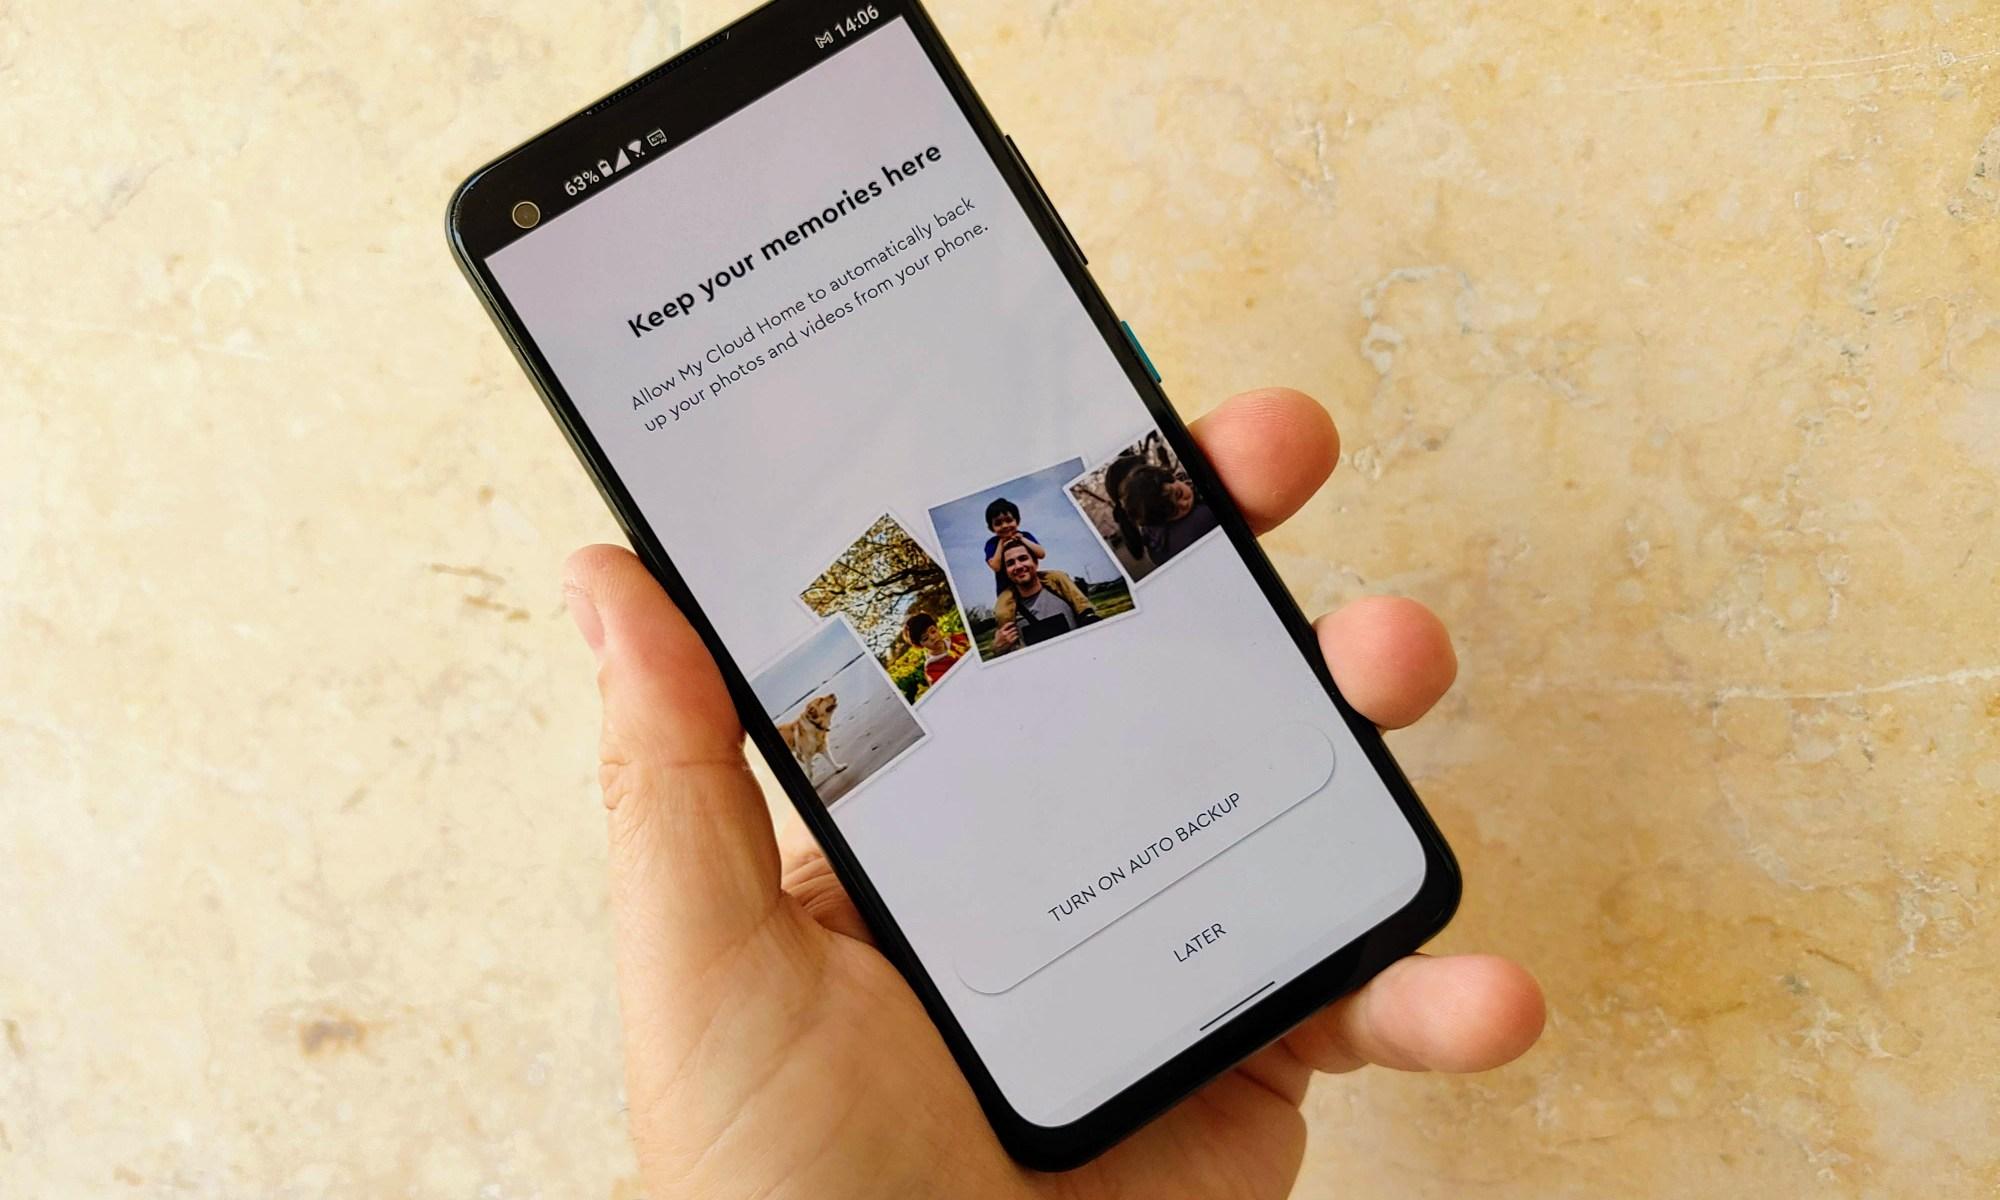 גיבוי תמונות מהסמארטפון באפליקציה של ווסטרן דיגיטל. צילום צחי הופמן